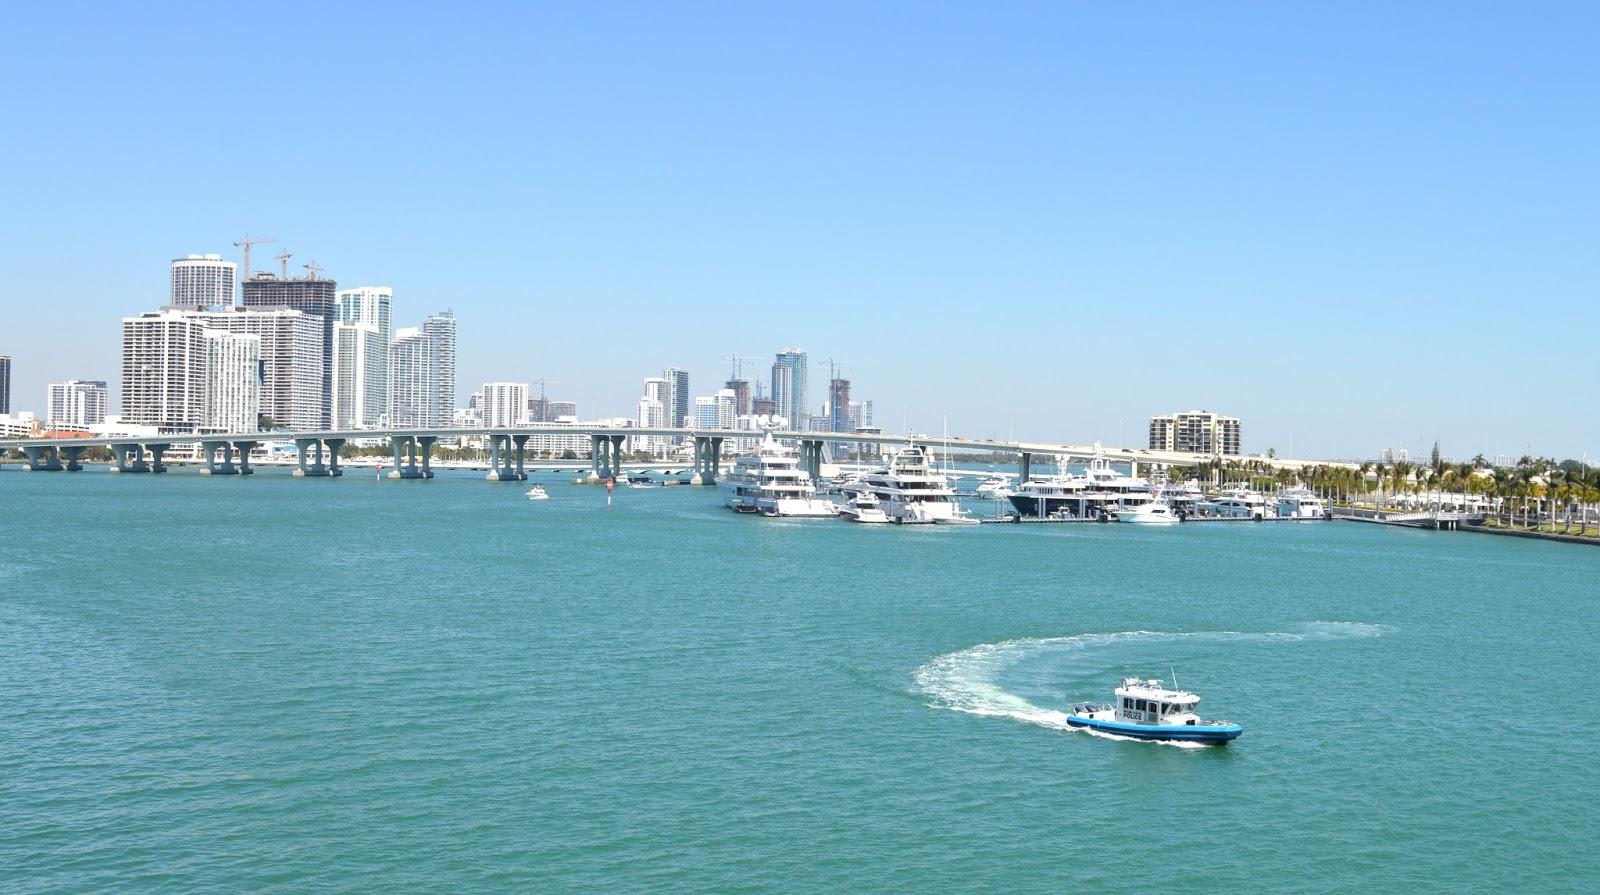 Celebrity Eclipse leaving Miami